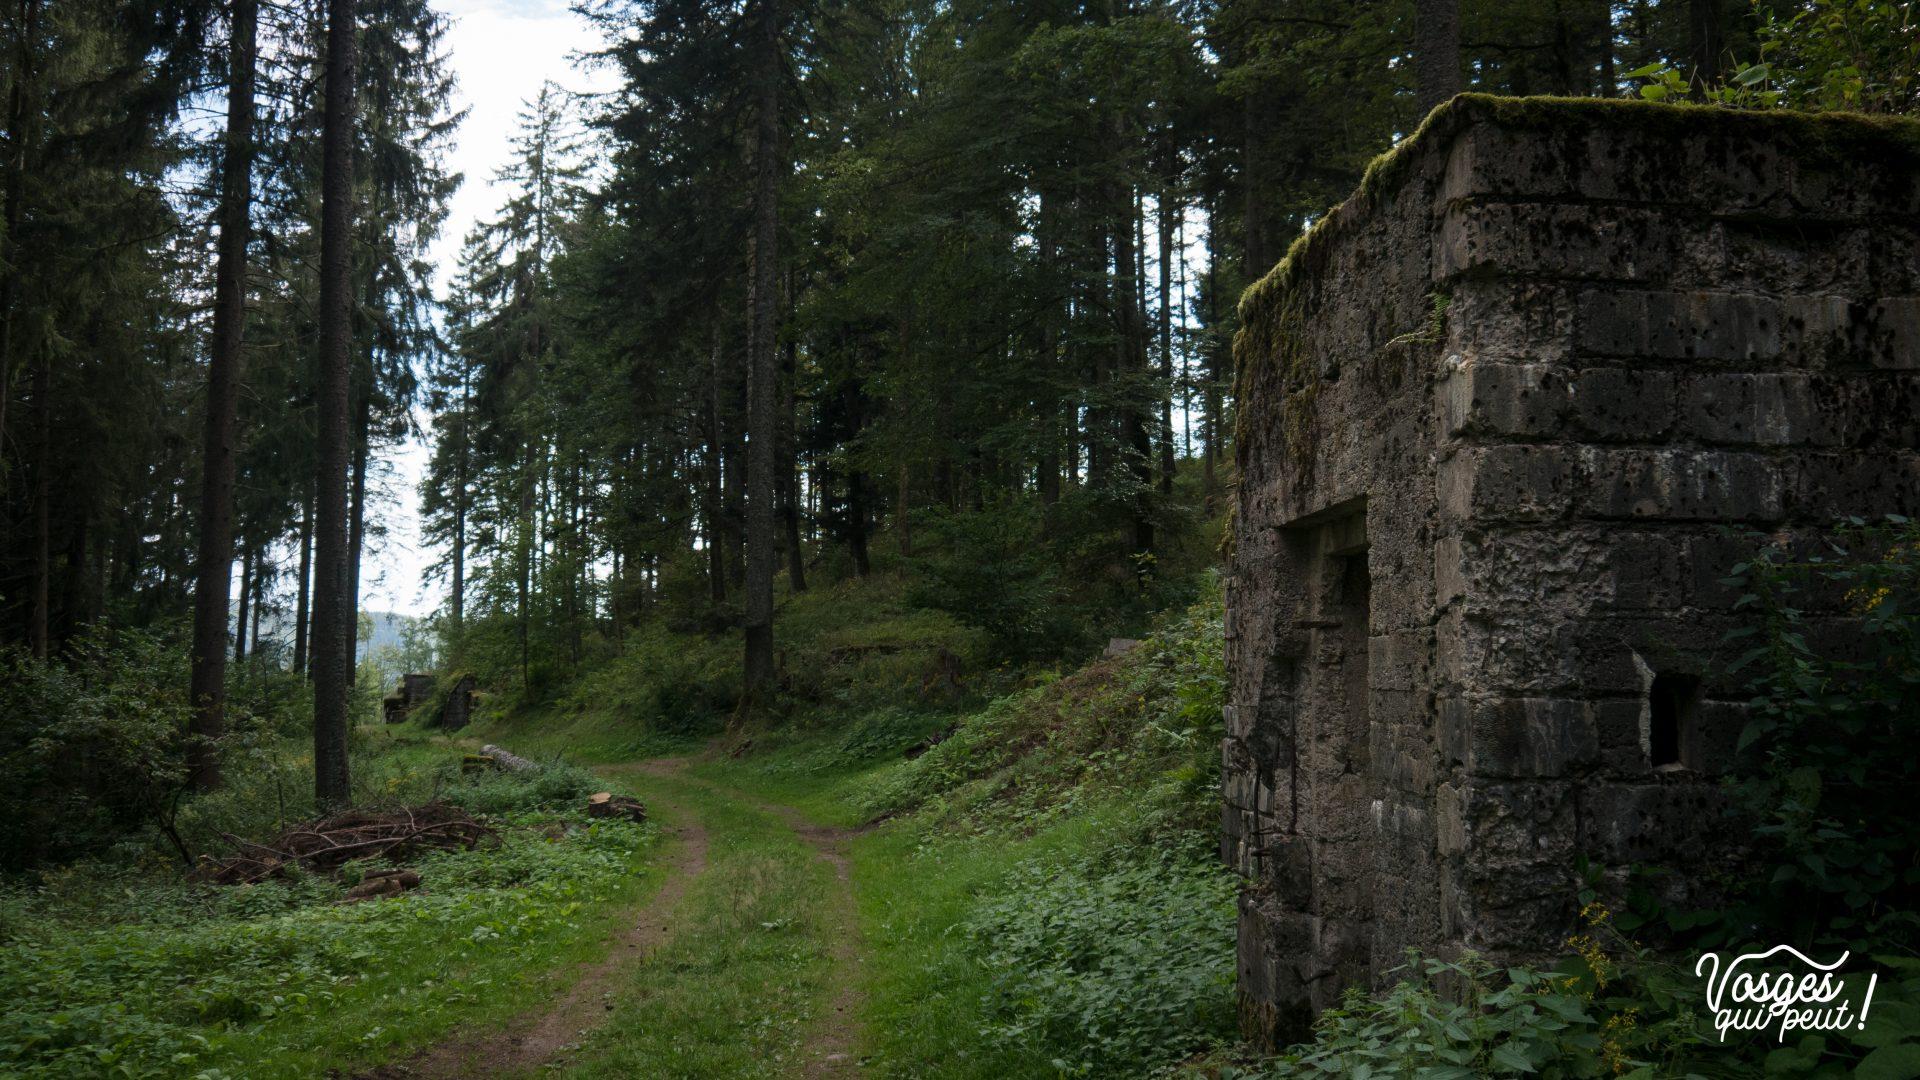 Un blockhaus allemand dans la forêt de la vallée de Sainte-Marie-aux-Mines